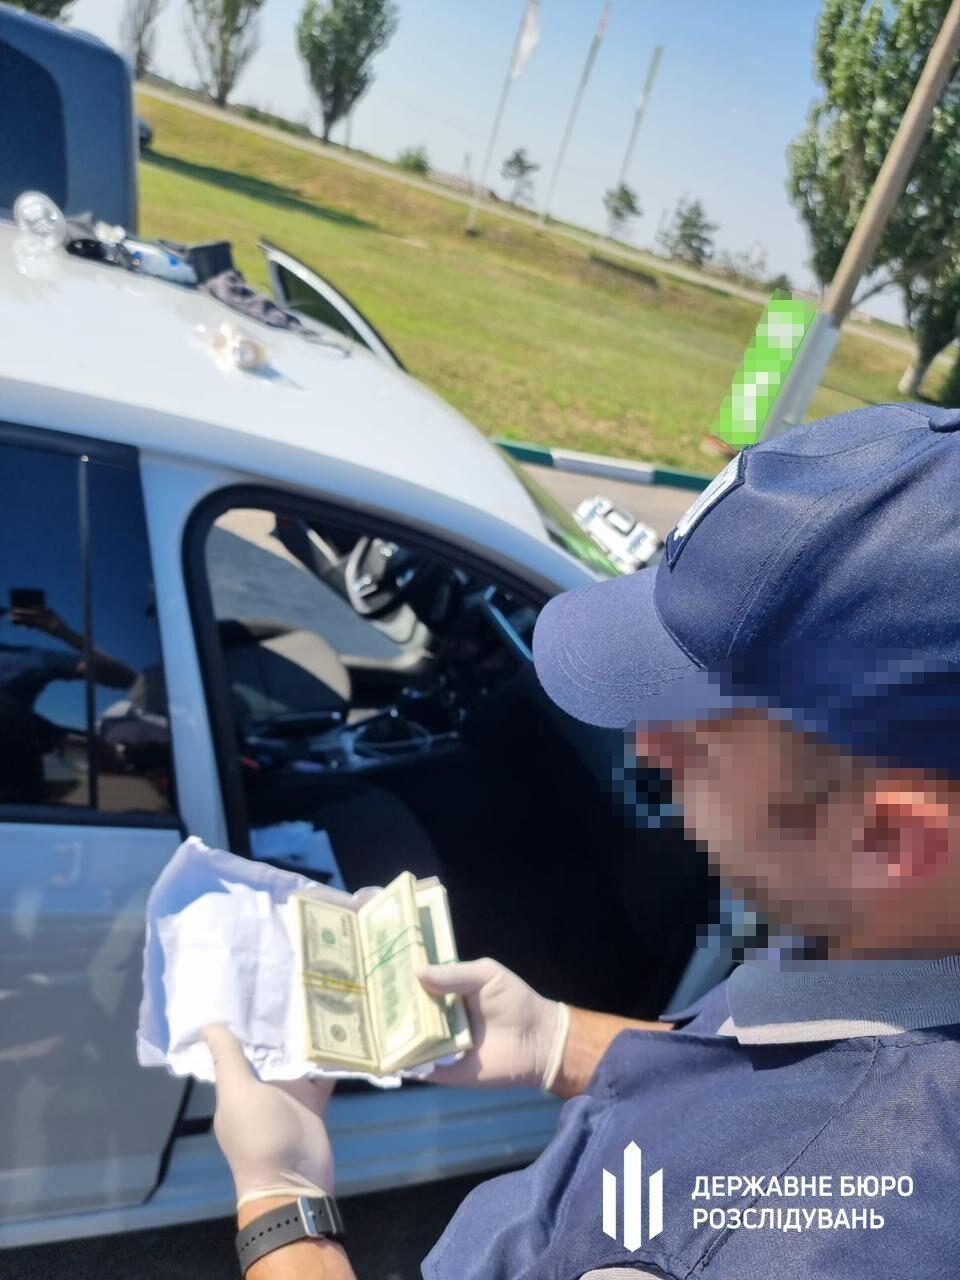 Прокурора задержали при получении 25 тысяч долларов.